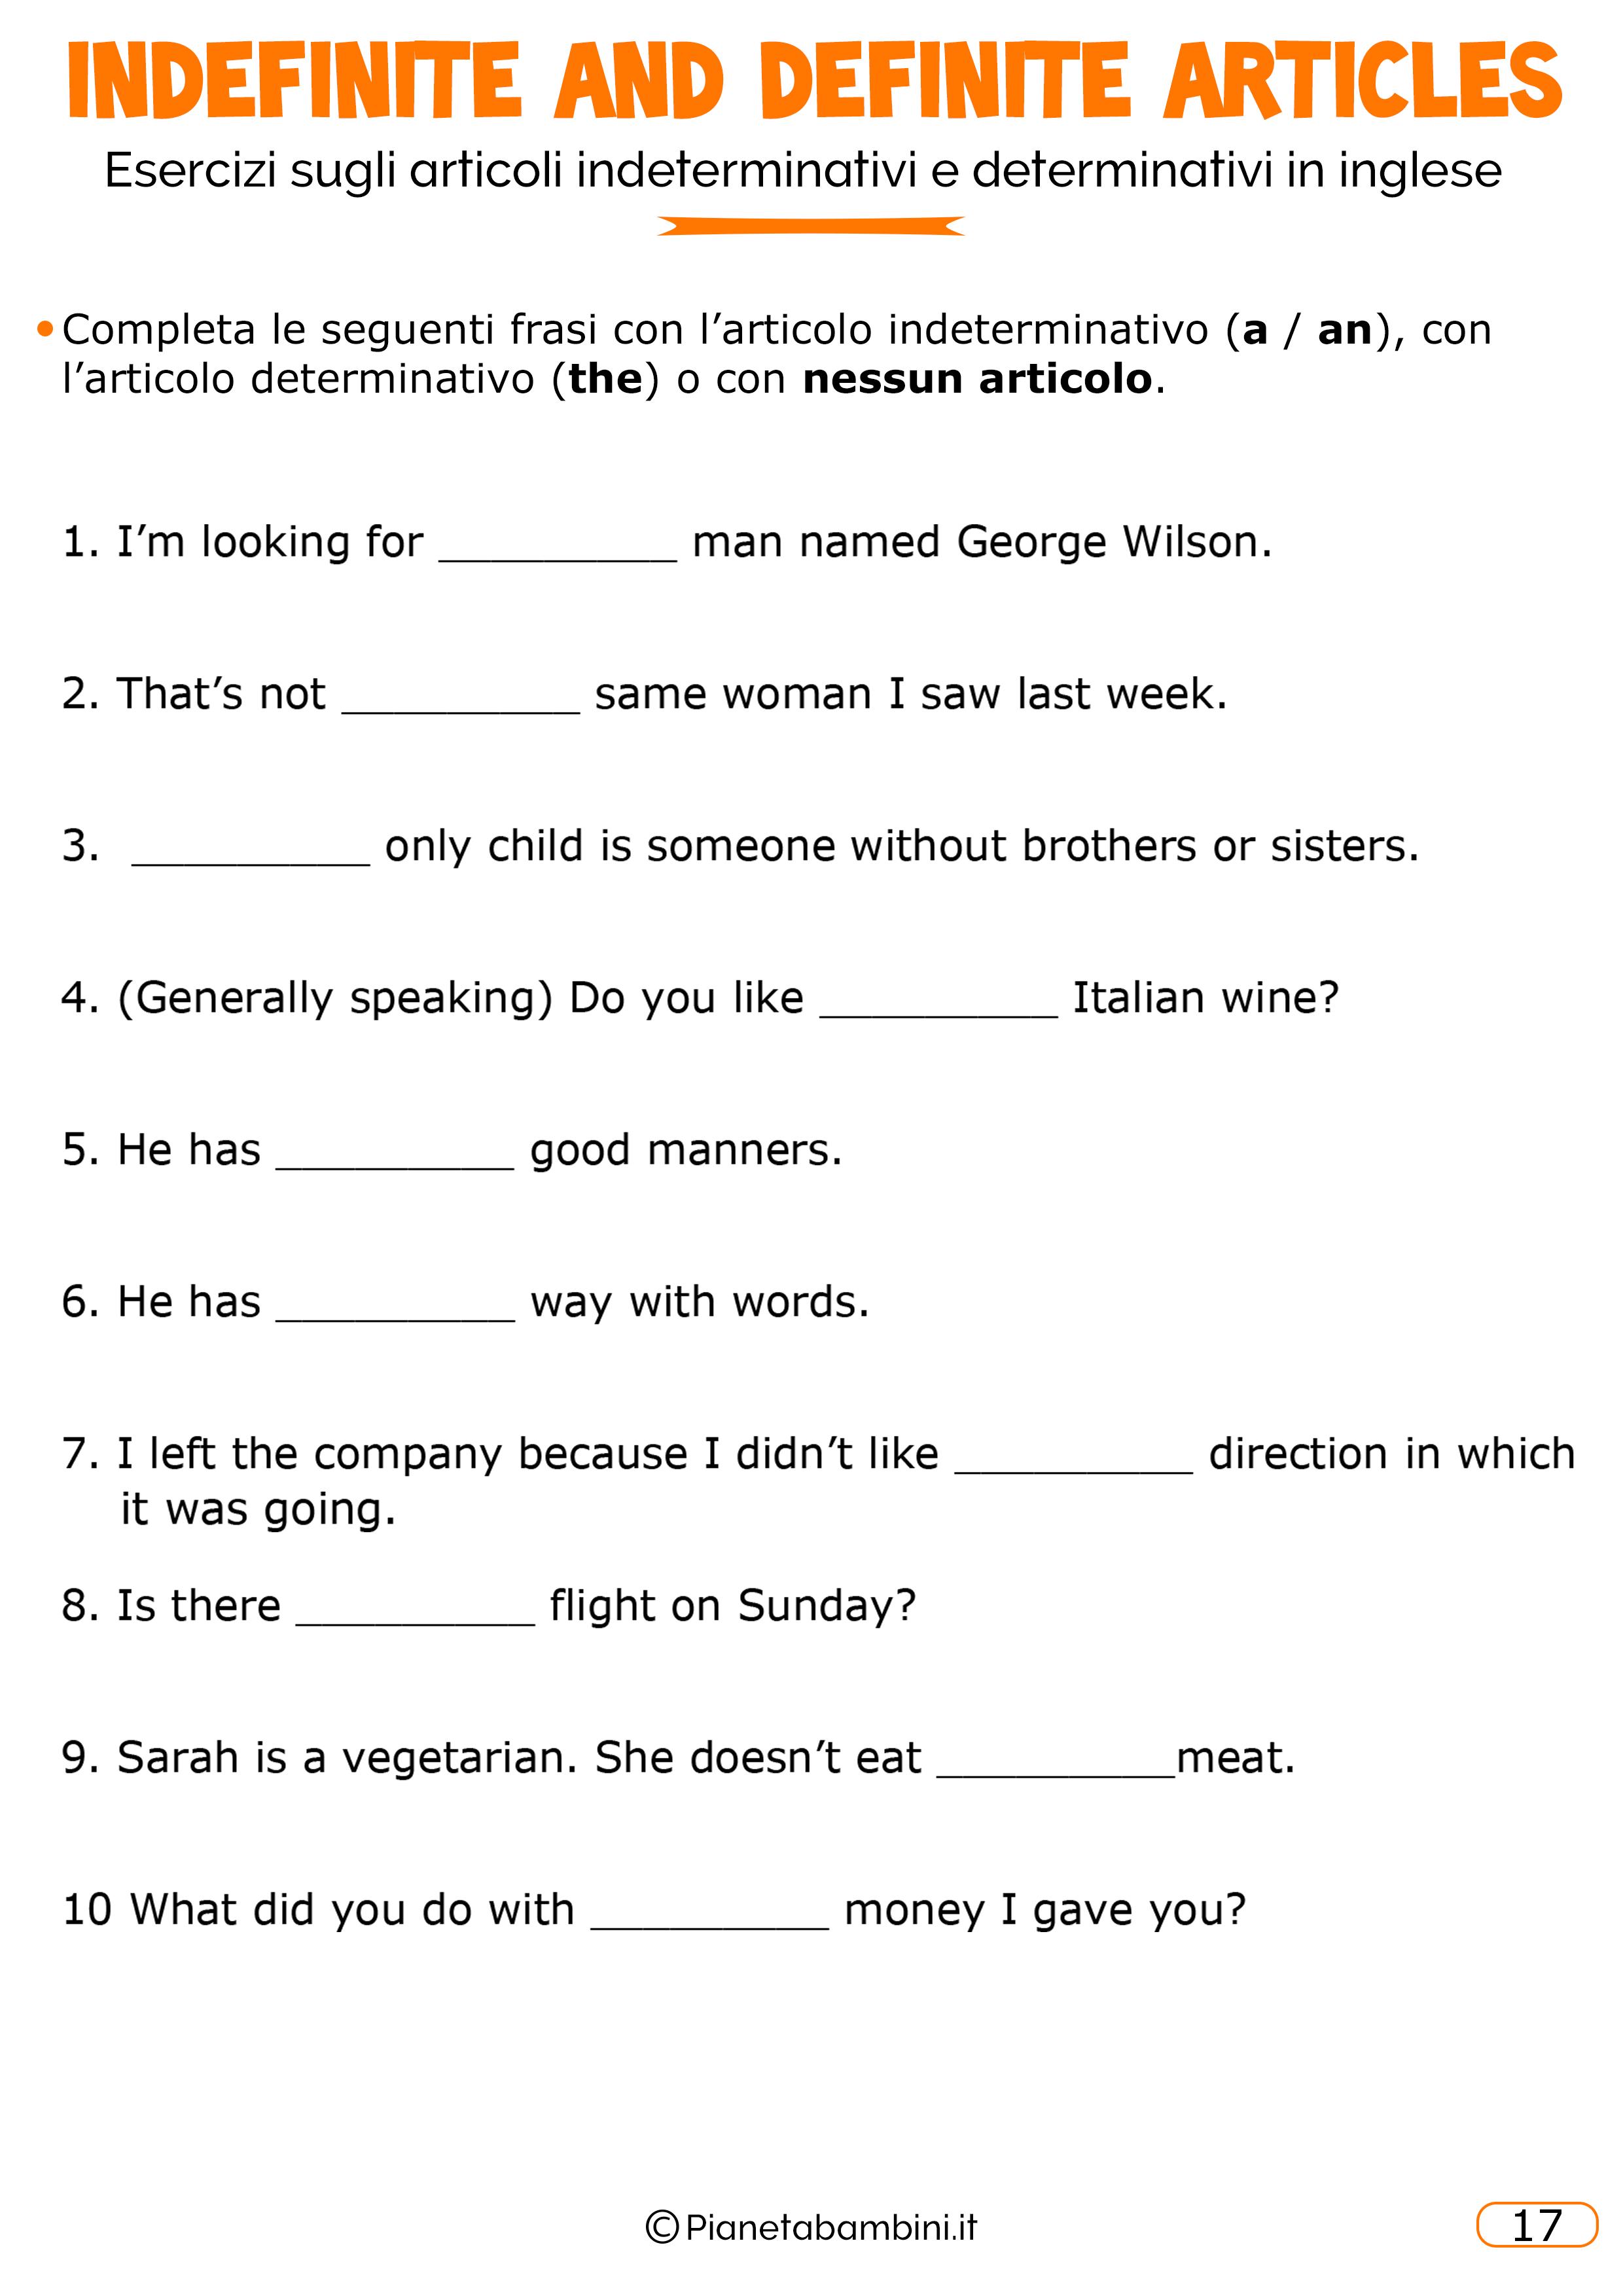 Esercizi-Articoli-Inglese-17